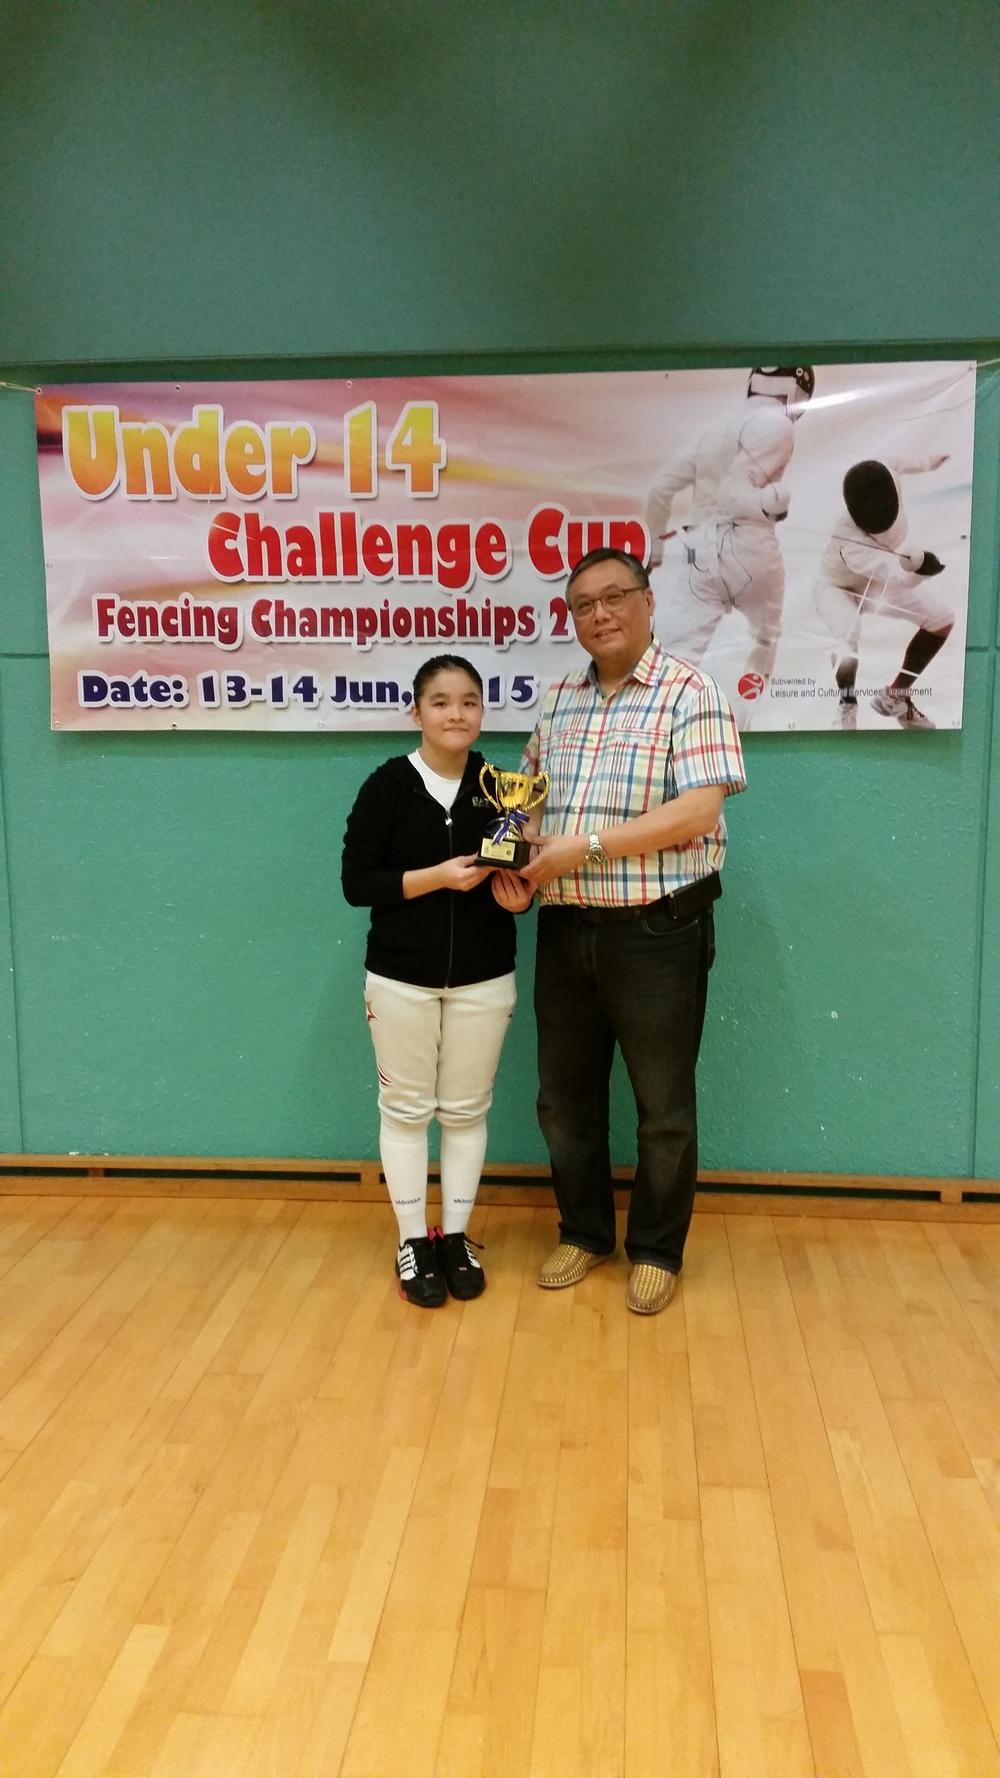 Under 14 Challenge Cup 2015 4.jpg